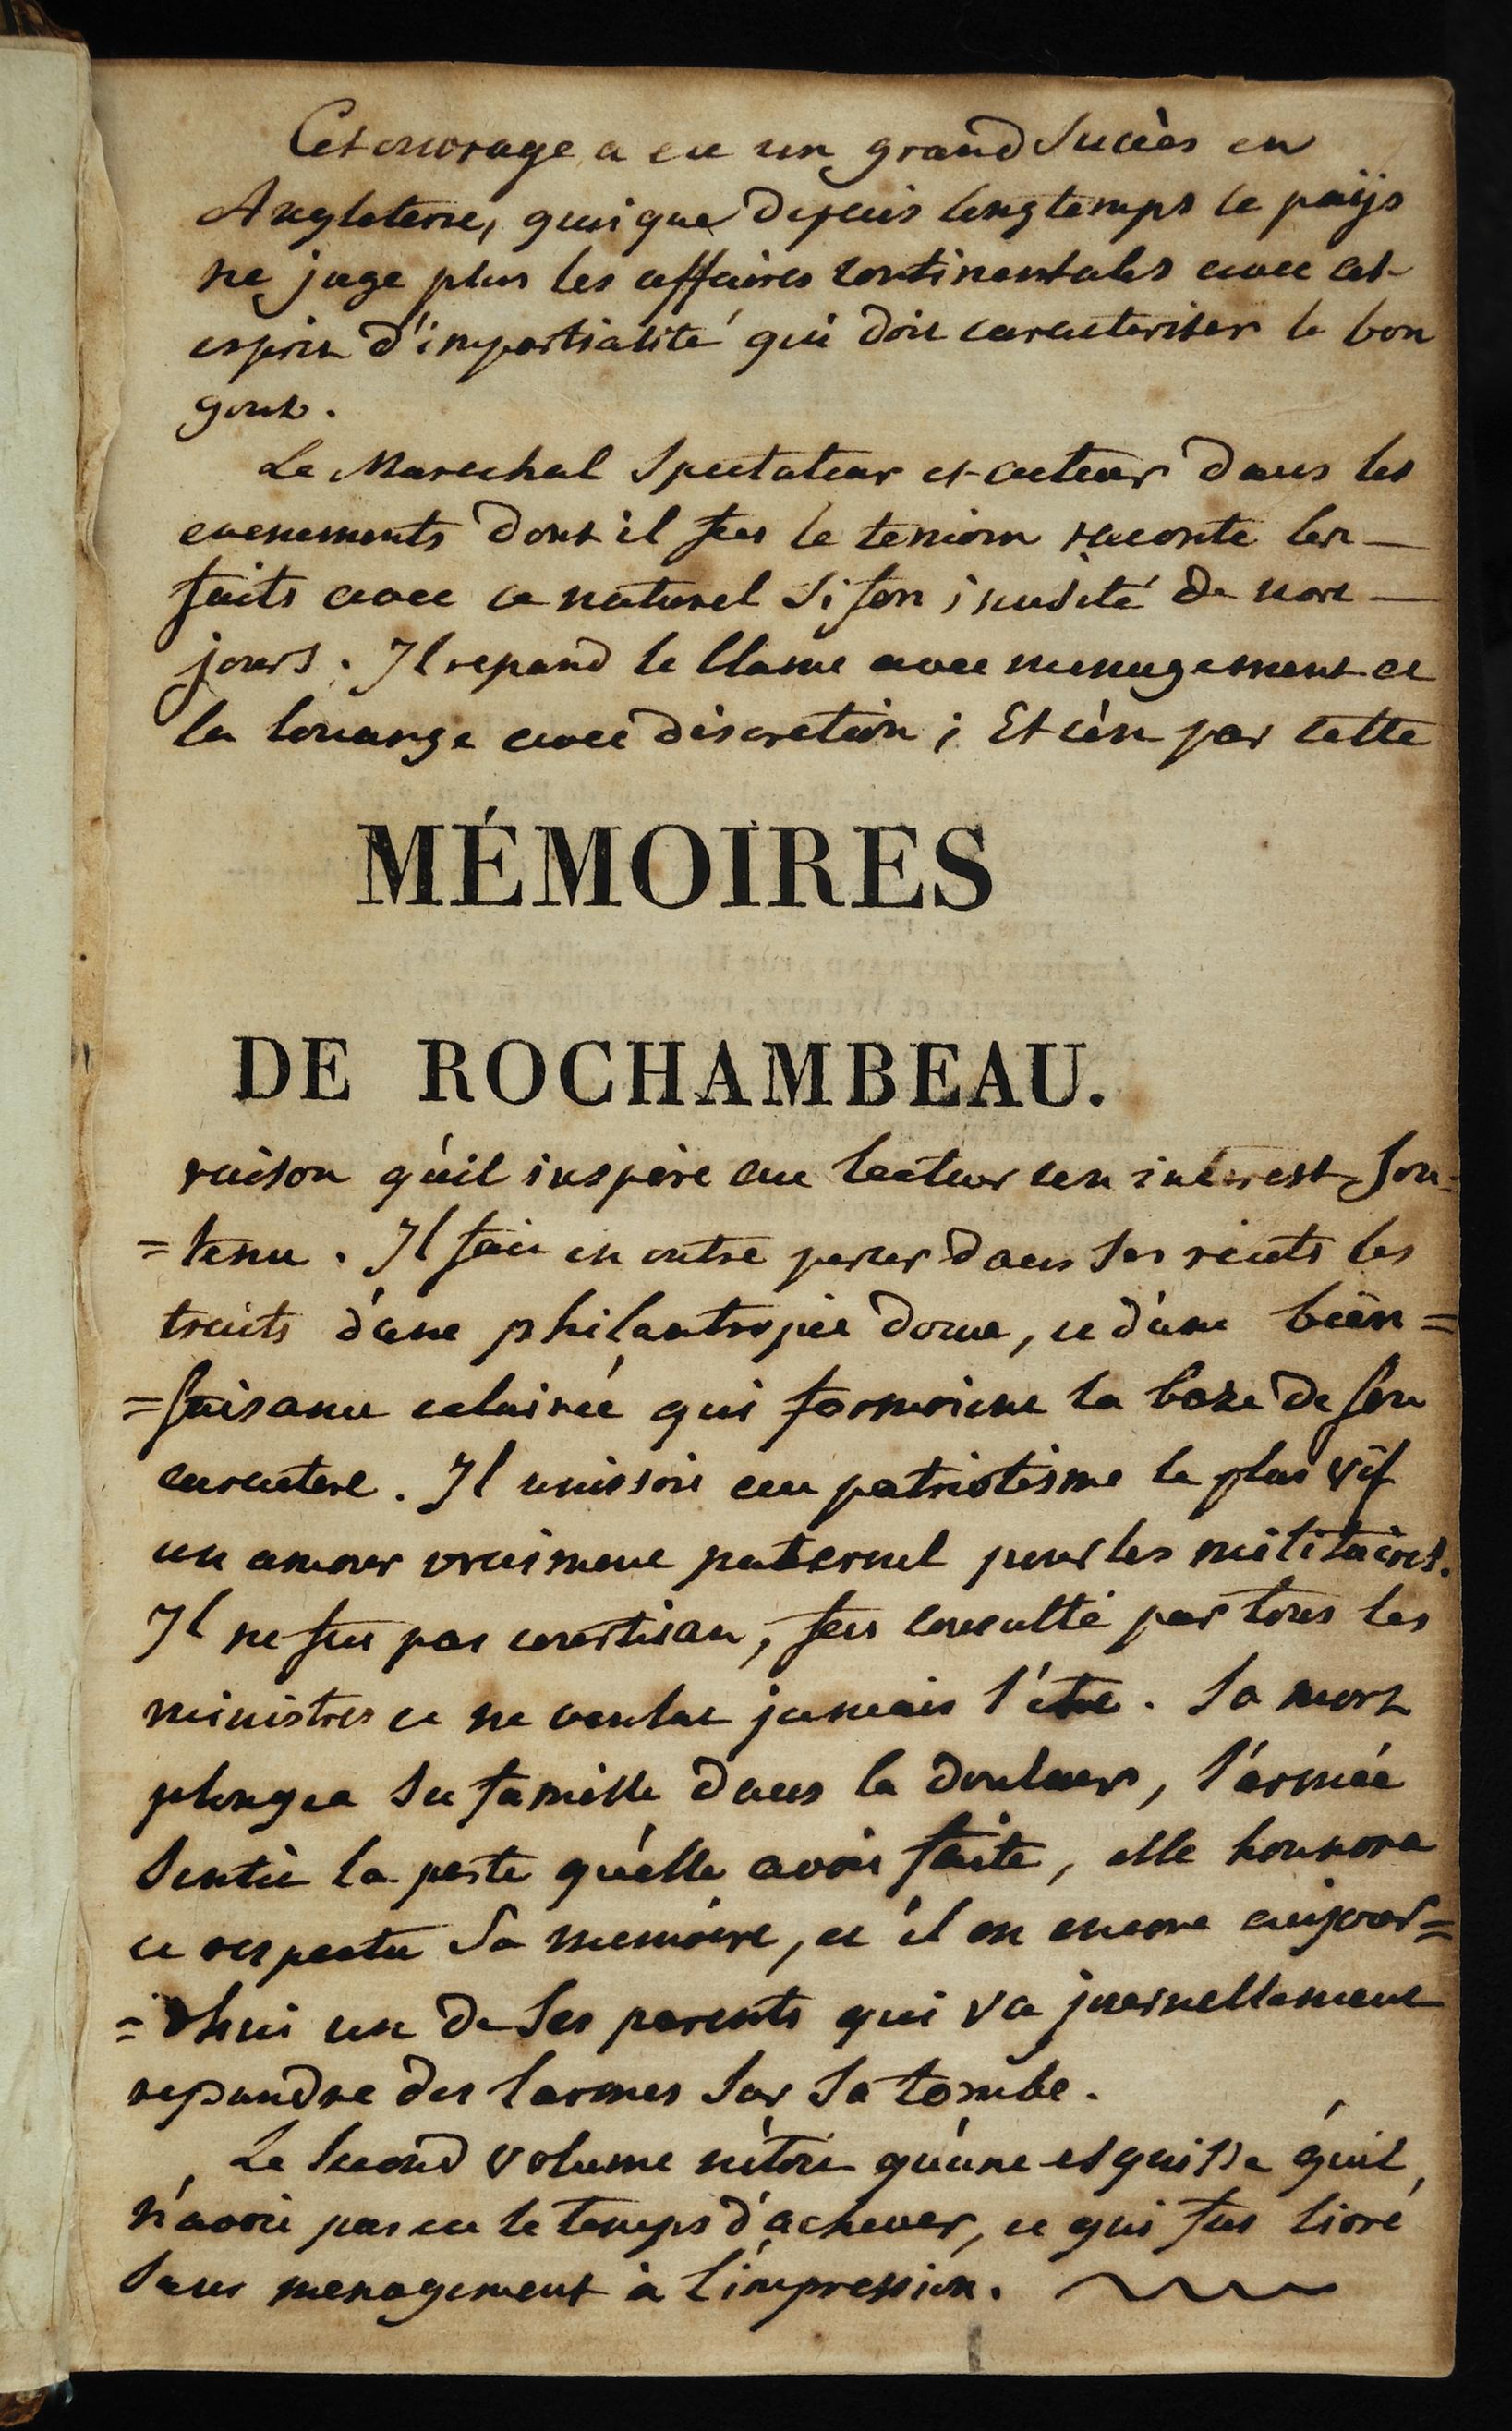 Mémoires Militaires, Historiques et Politiques de Rochambeau, 1809